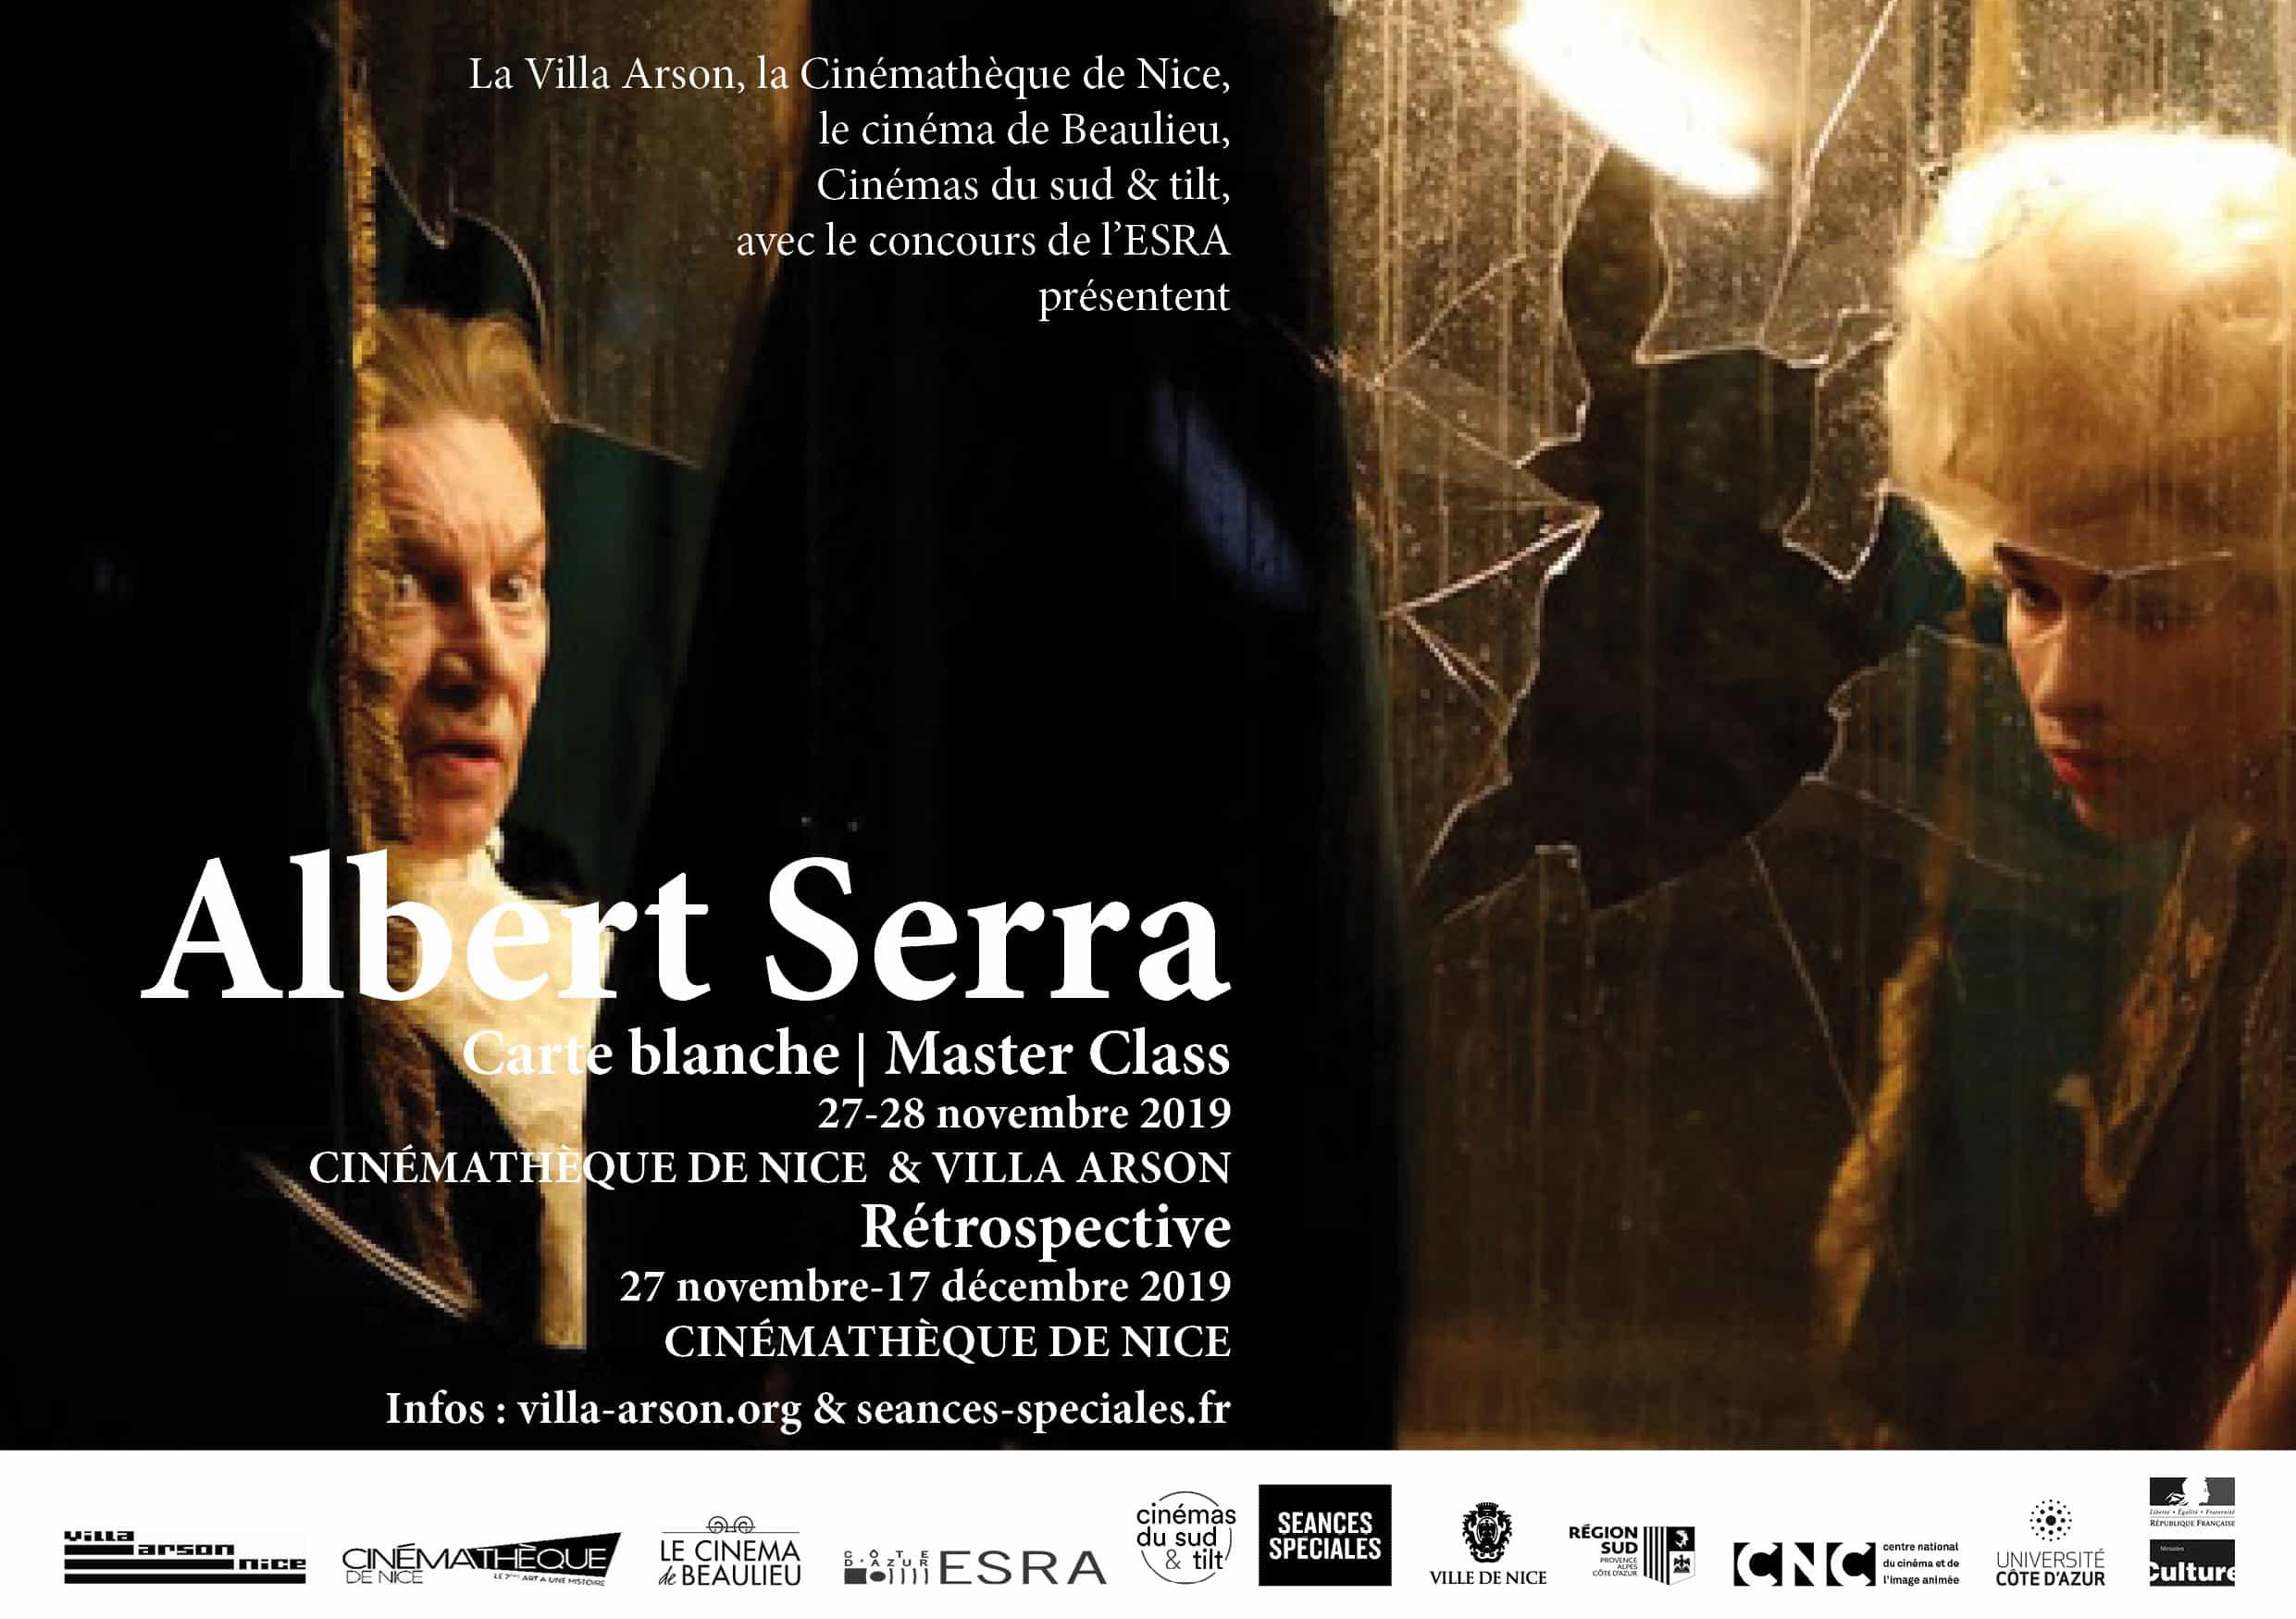 ALBERT SERRA | Master Class, Rétrospective & Carte blanche